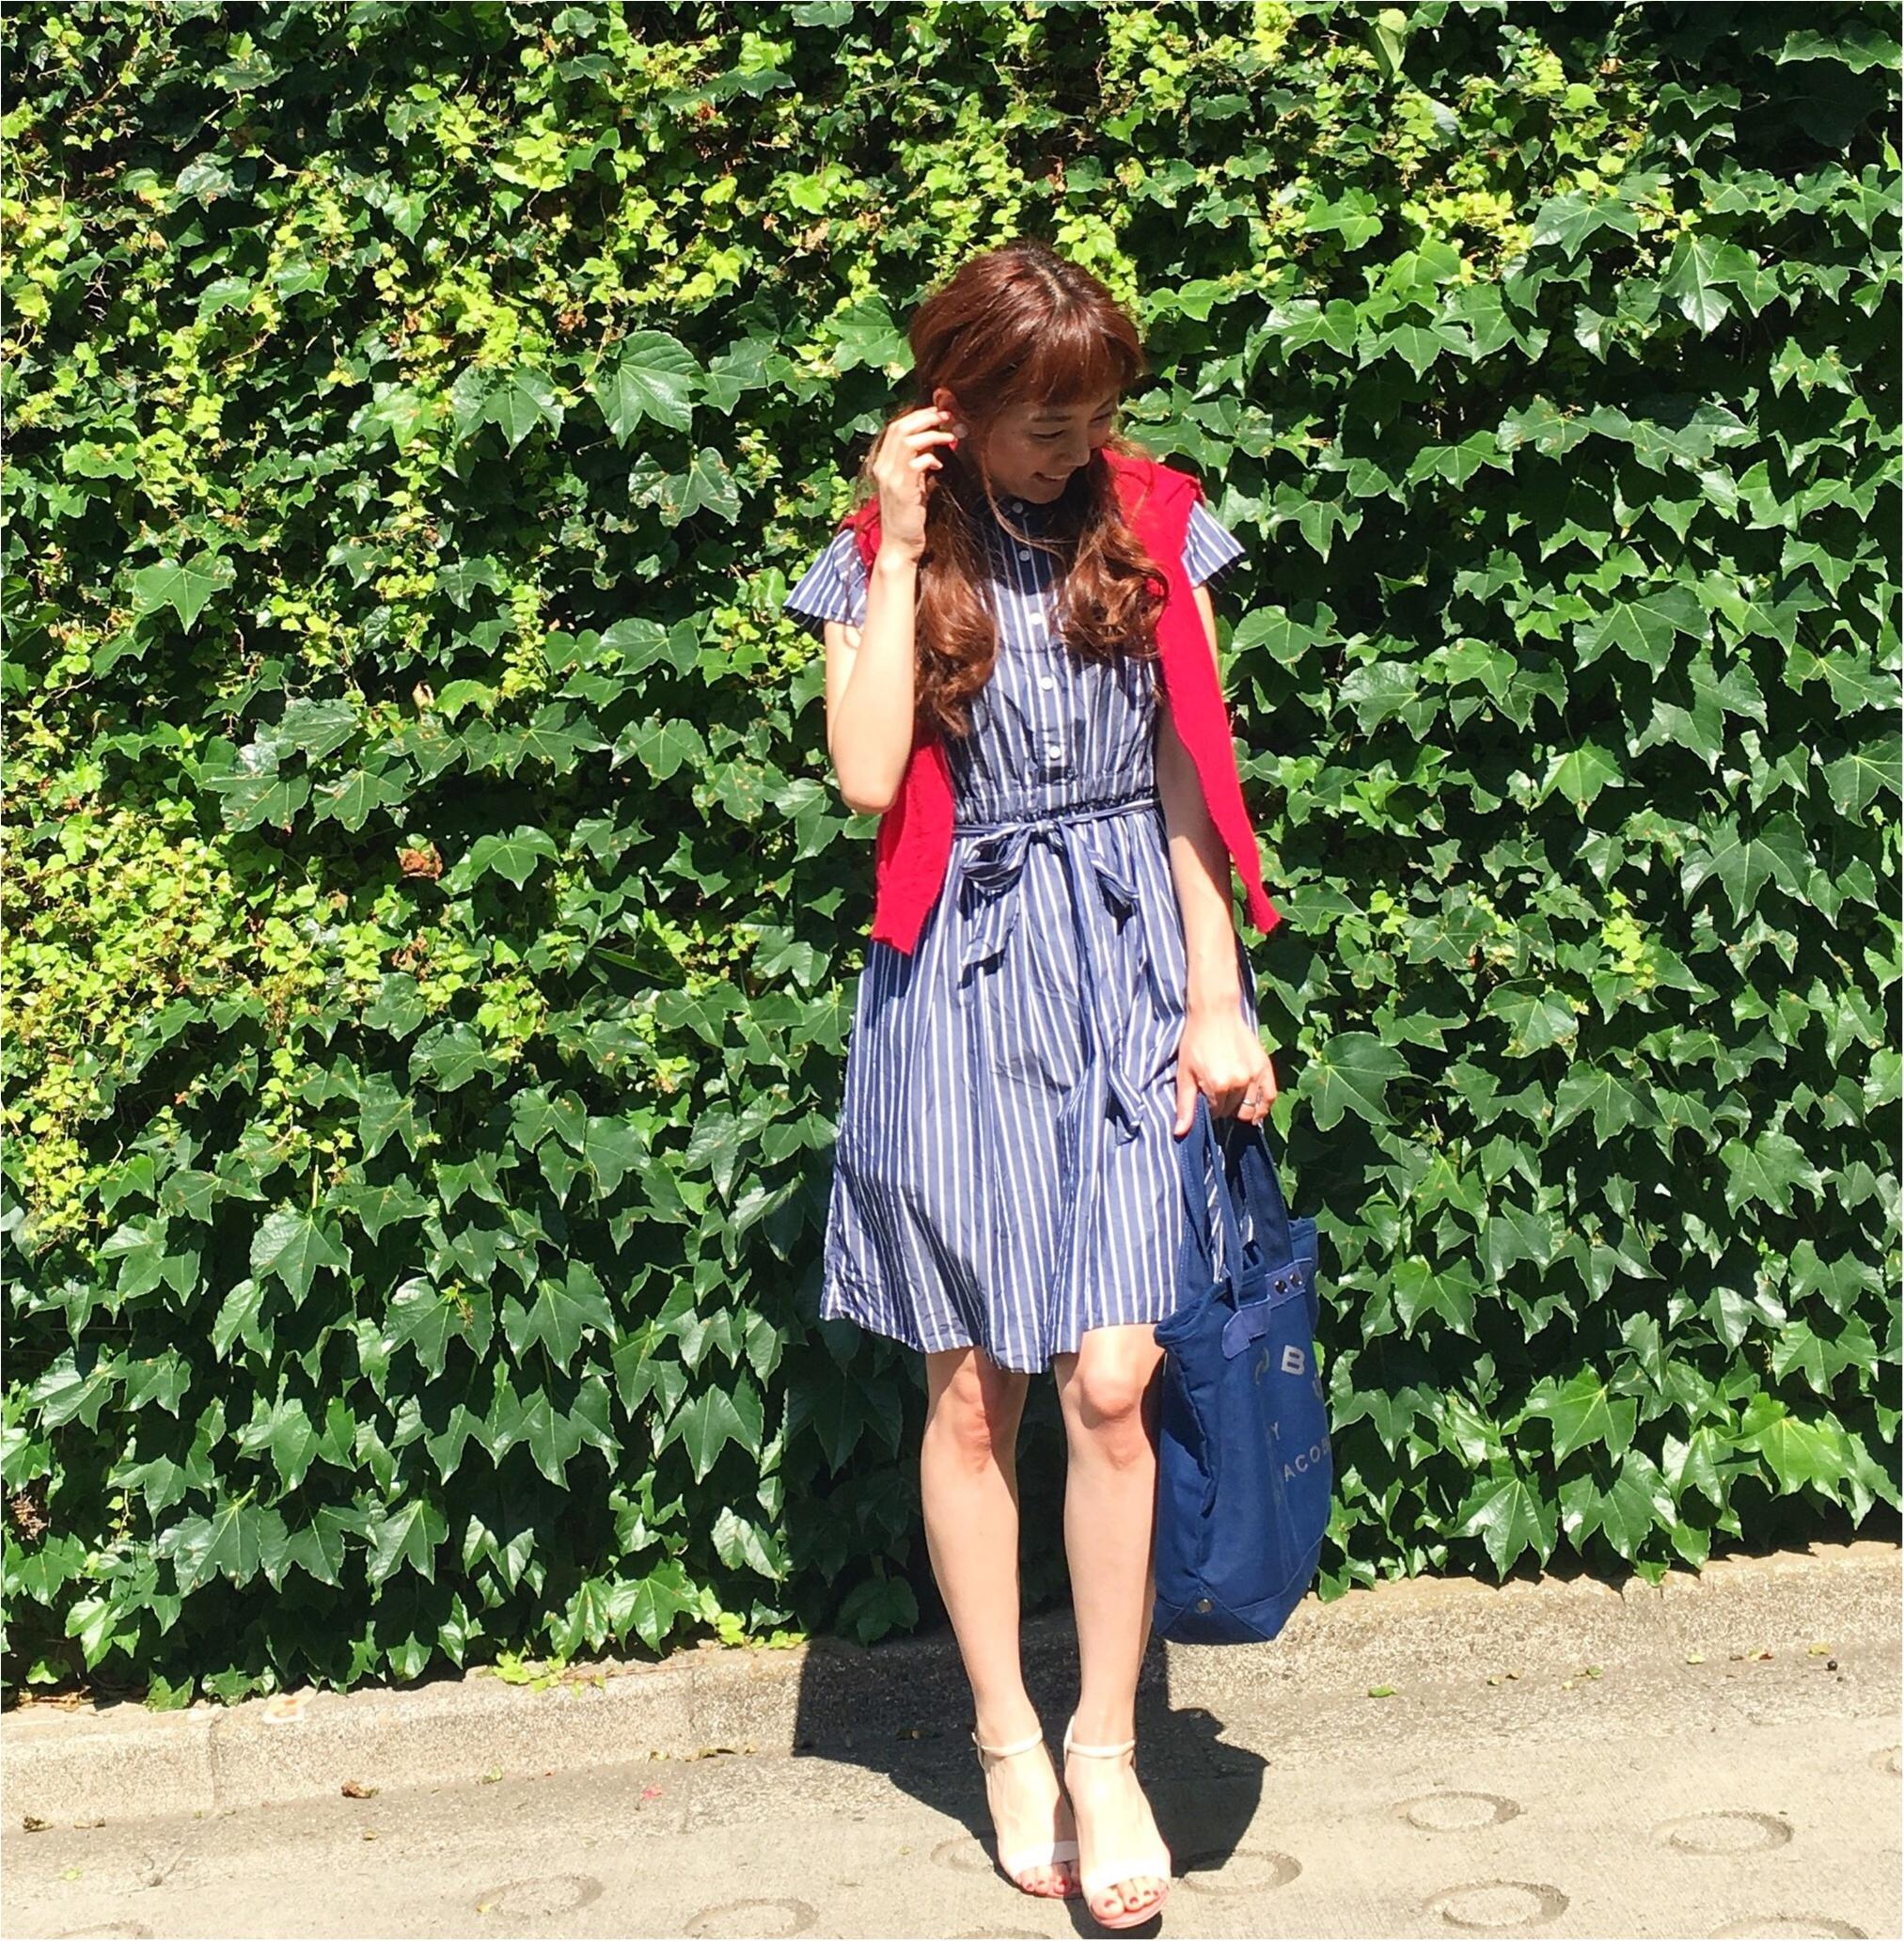 2017夏のトレンド☆ストライプ柄☆Flower Daysのストライプ柄のワンピースがかわいい♡_4